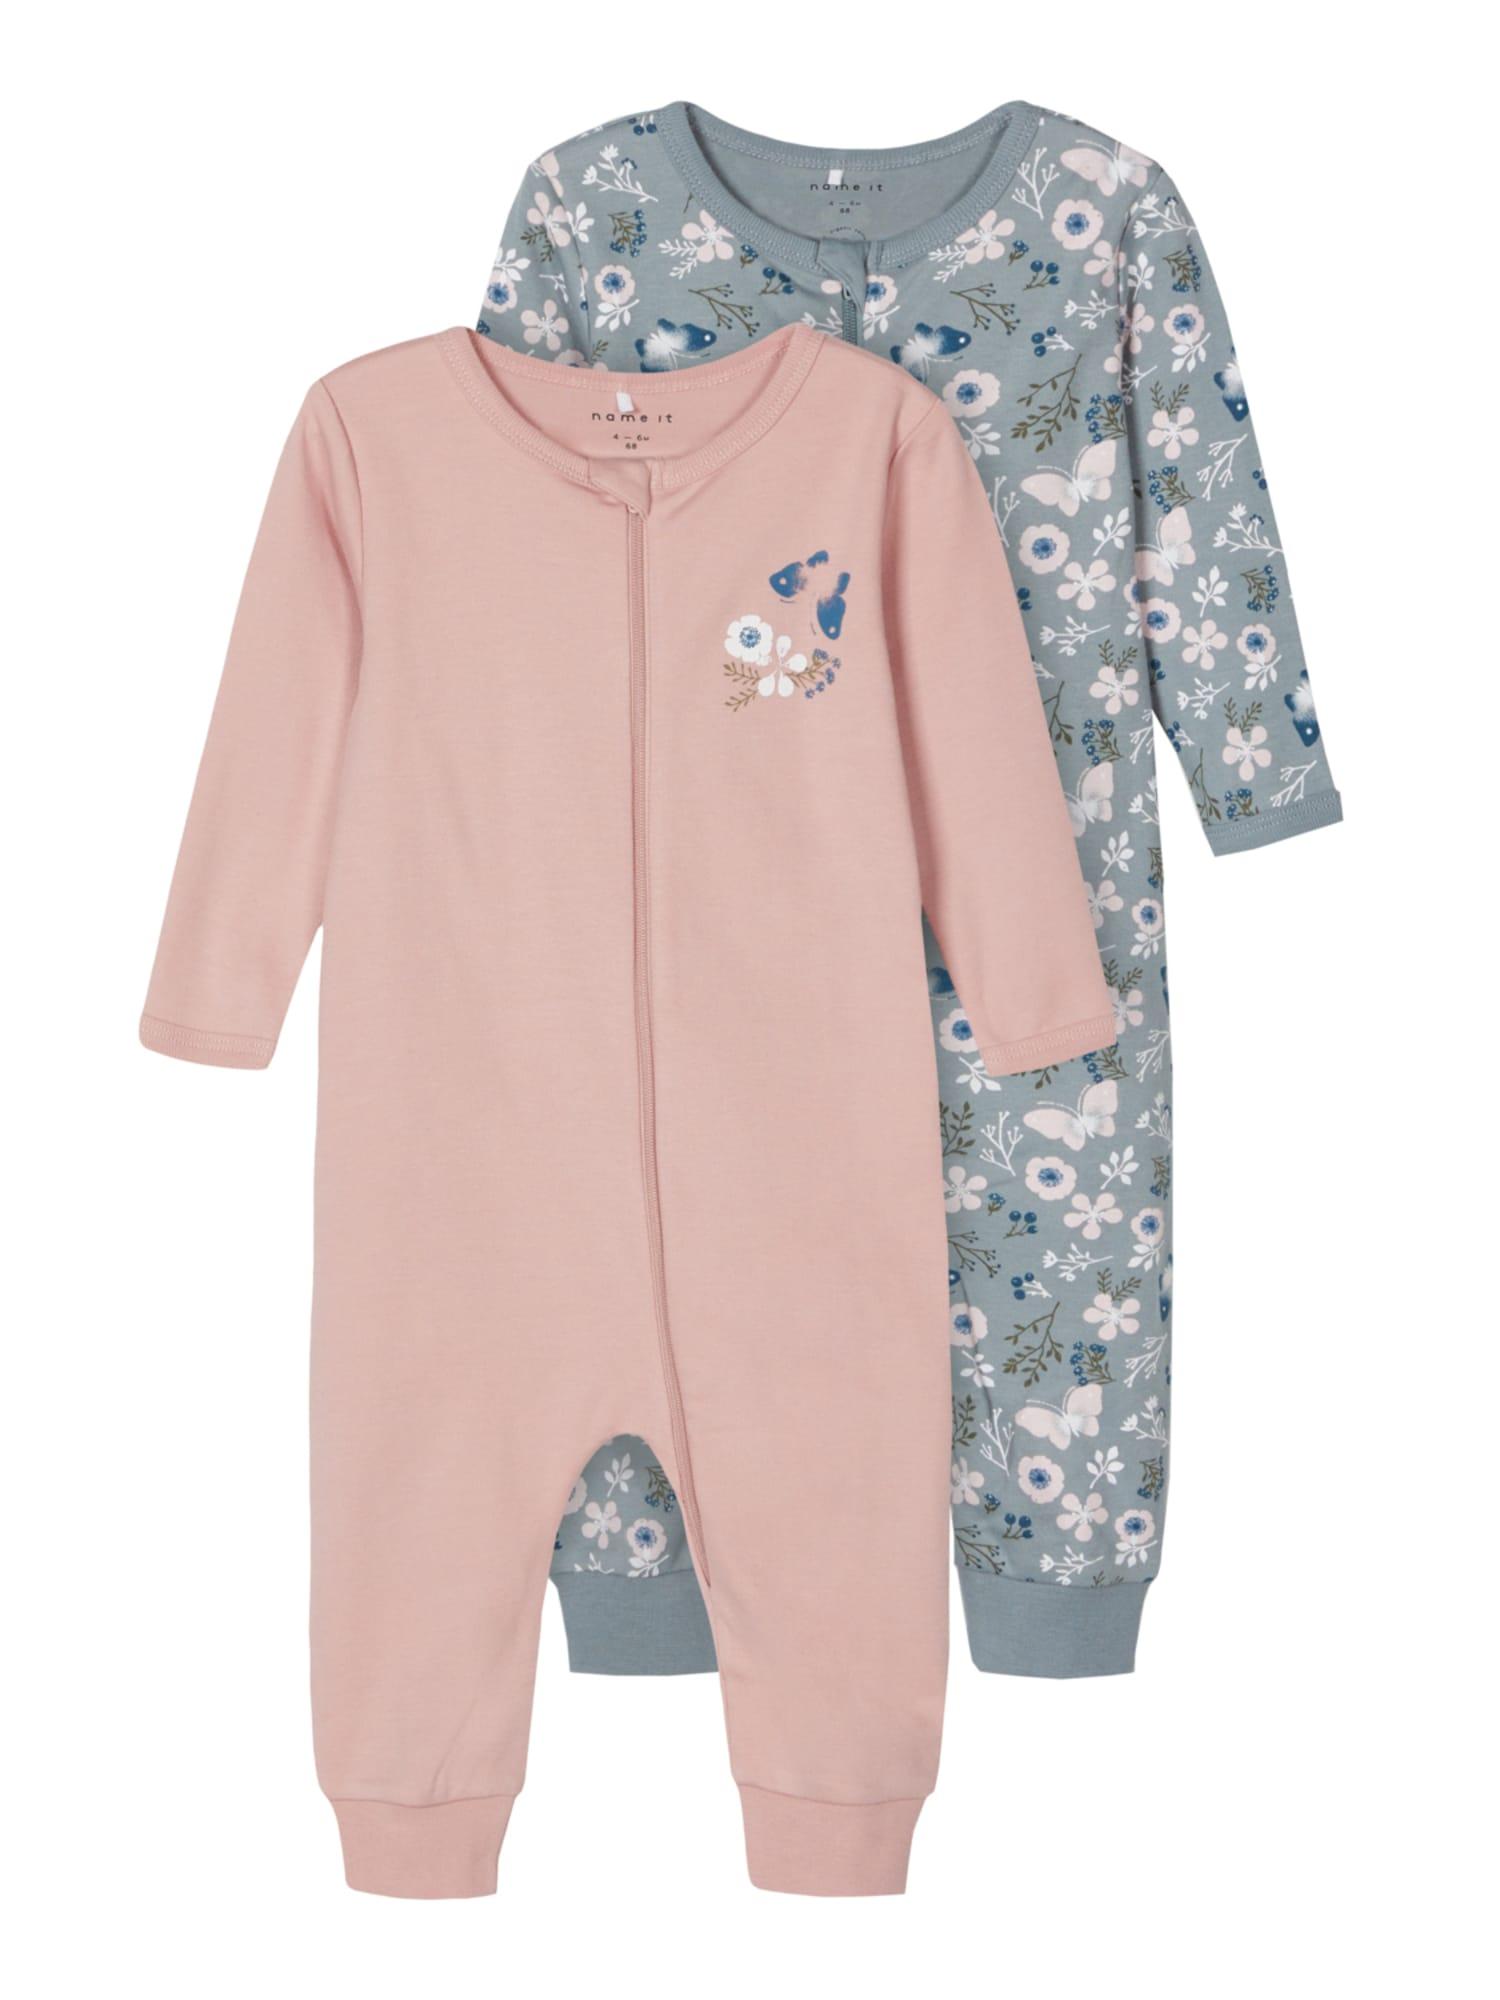 NAME IT Miego kostiumas pilka / tamsiai mėlyna / ryškiai rožinė spalva / rausvai violetinė spalva / balta